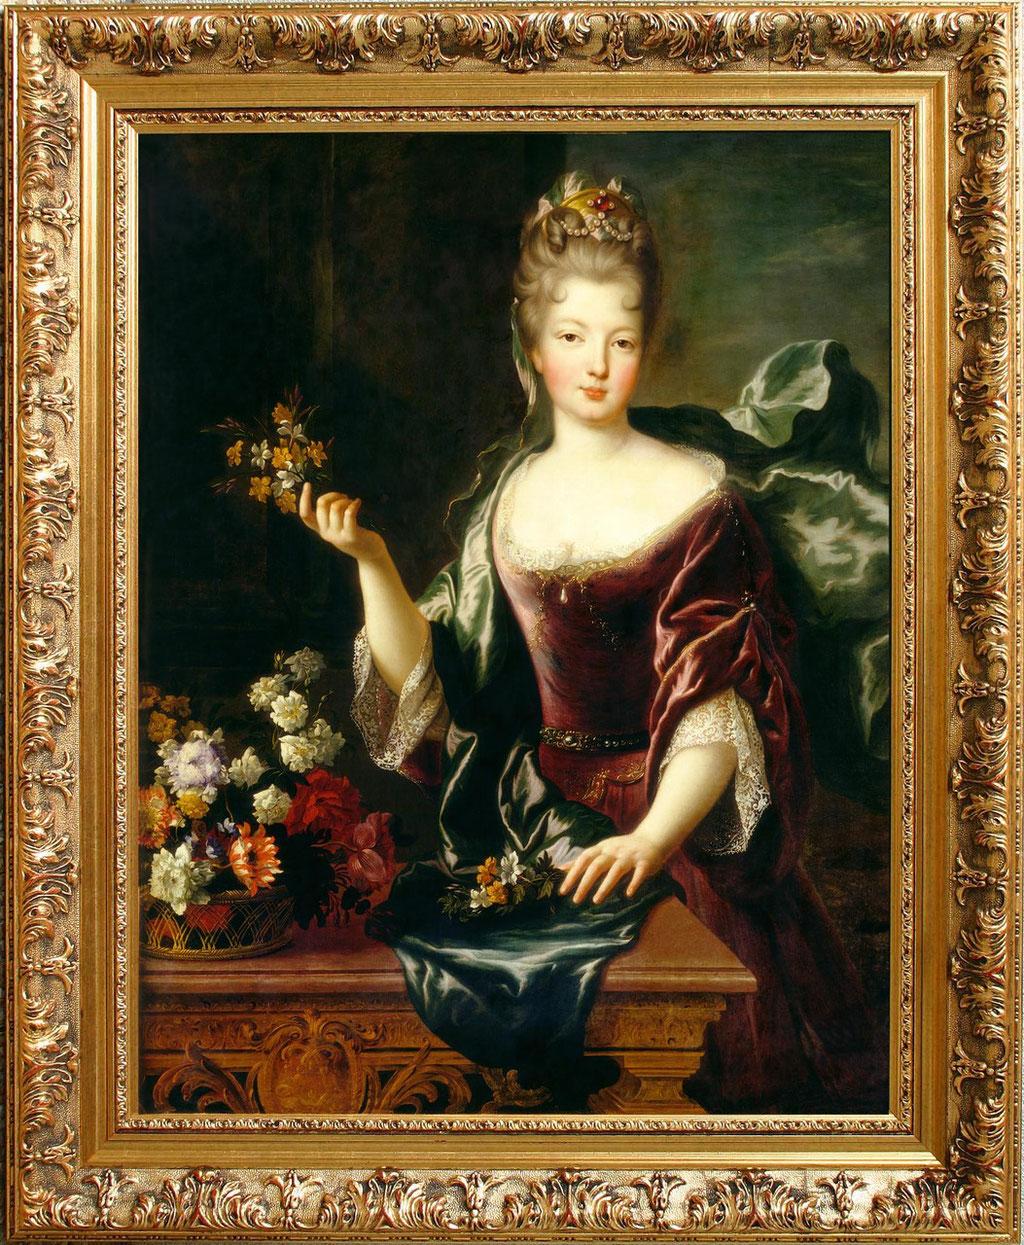 De Troy, Mademoiselle de Blois